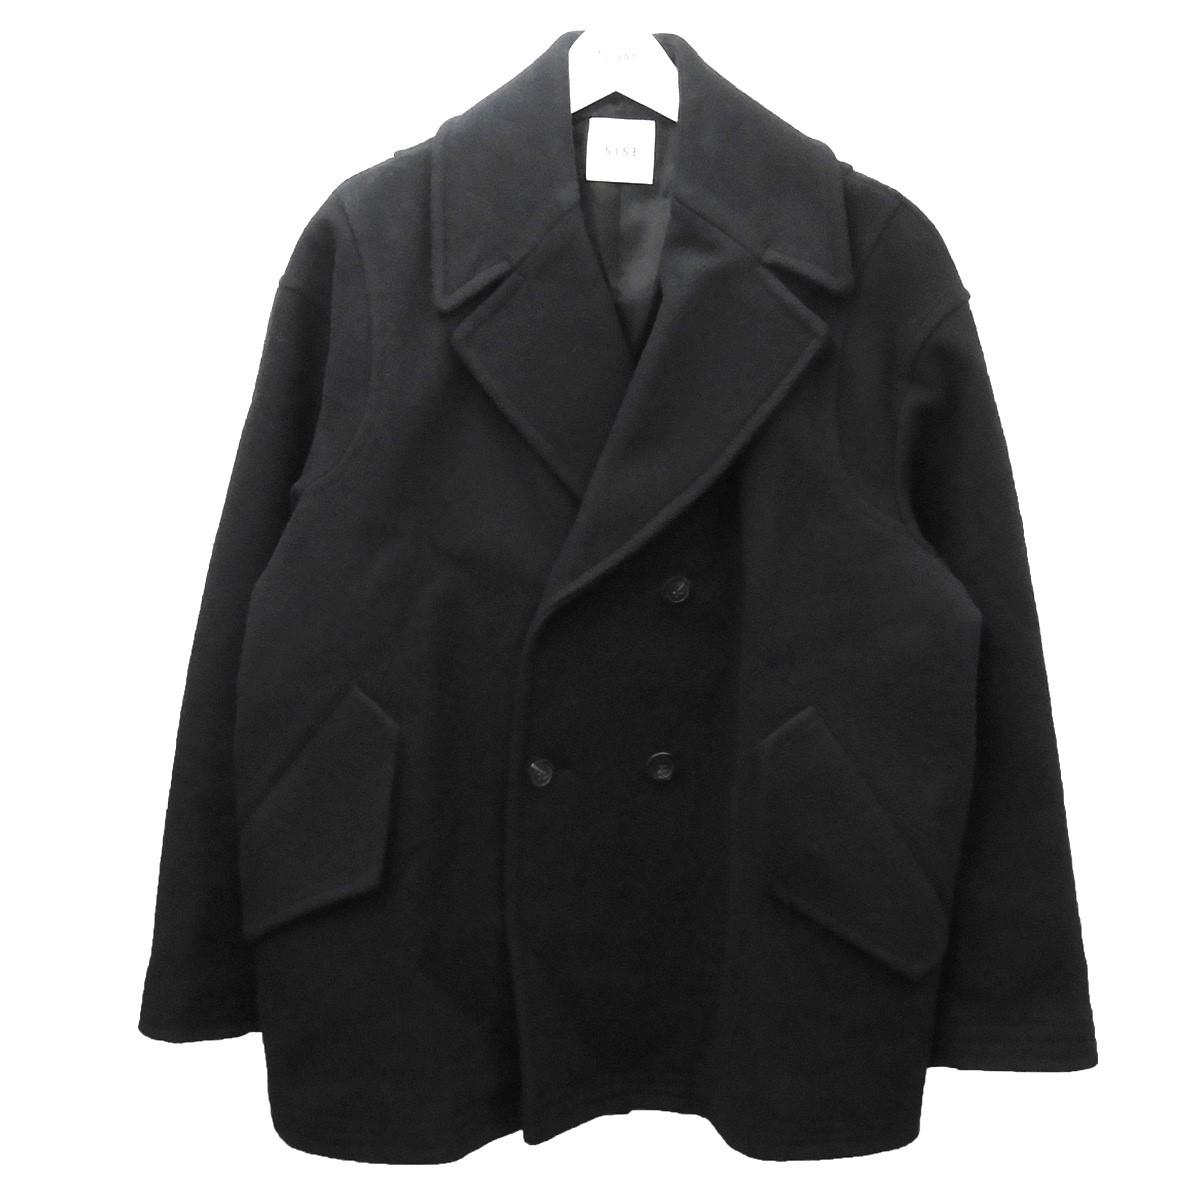 【中古】Sise 2017AW Pコート ブラック サイズ:1 【260620】(シセ)